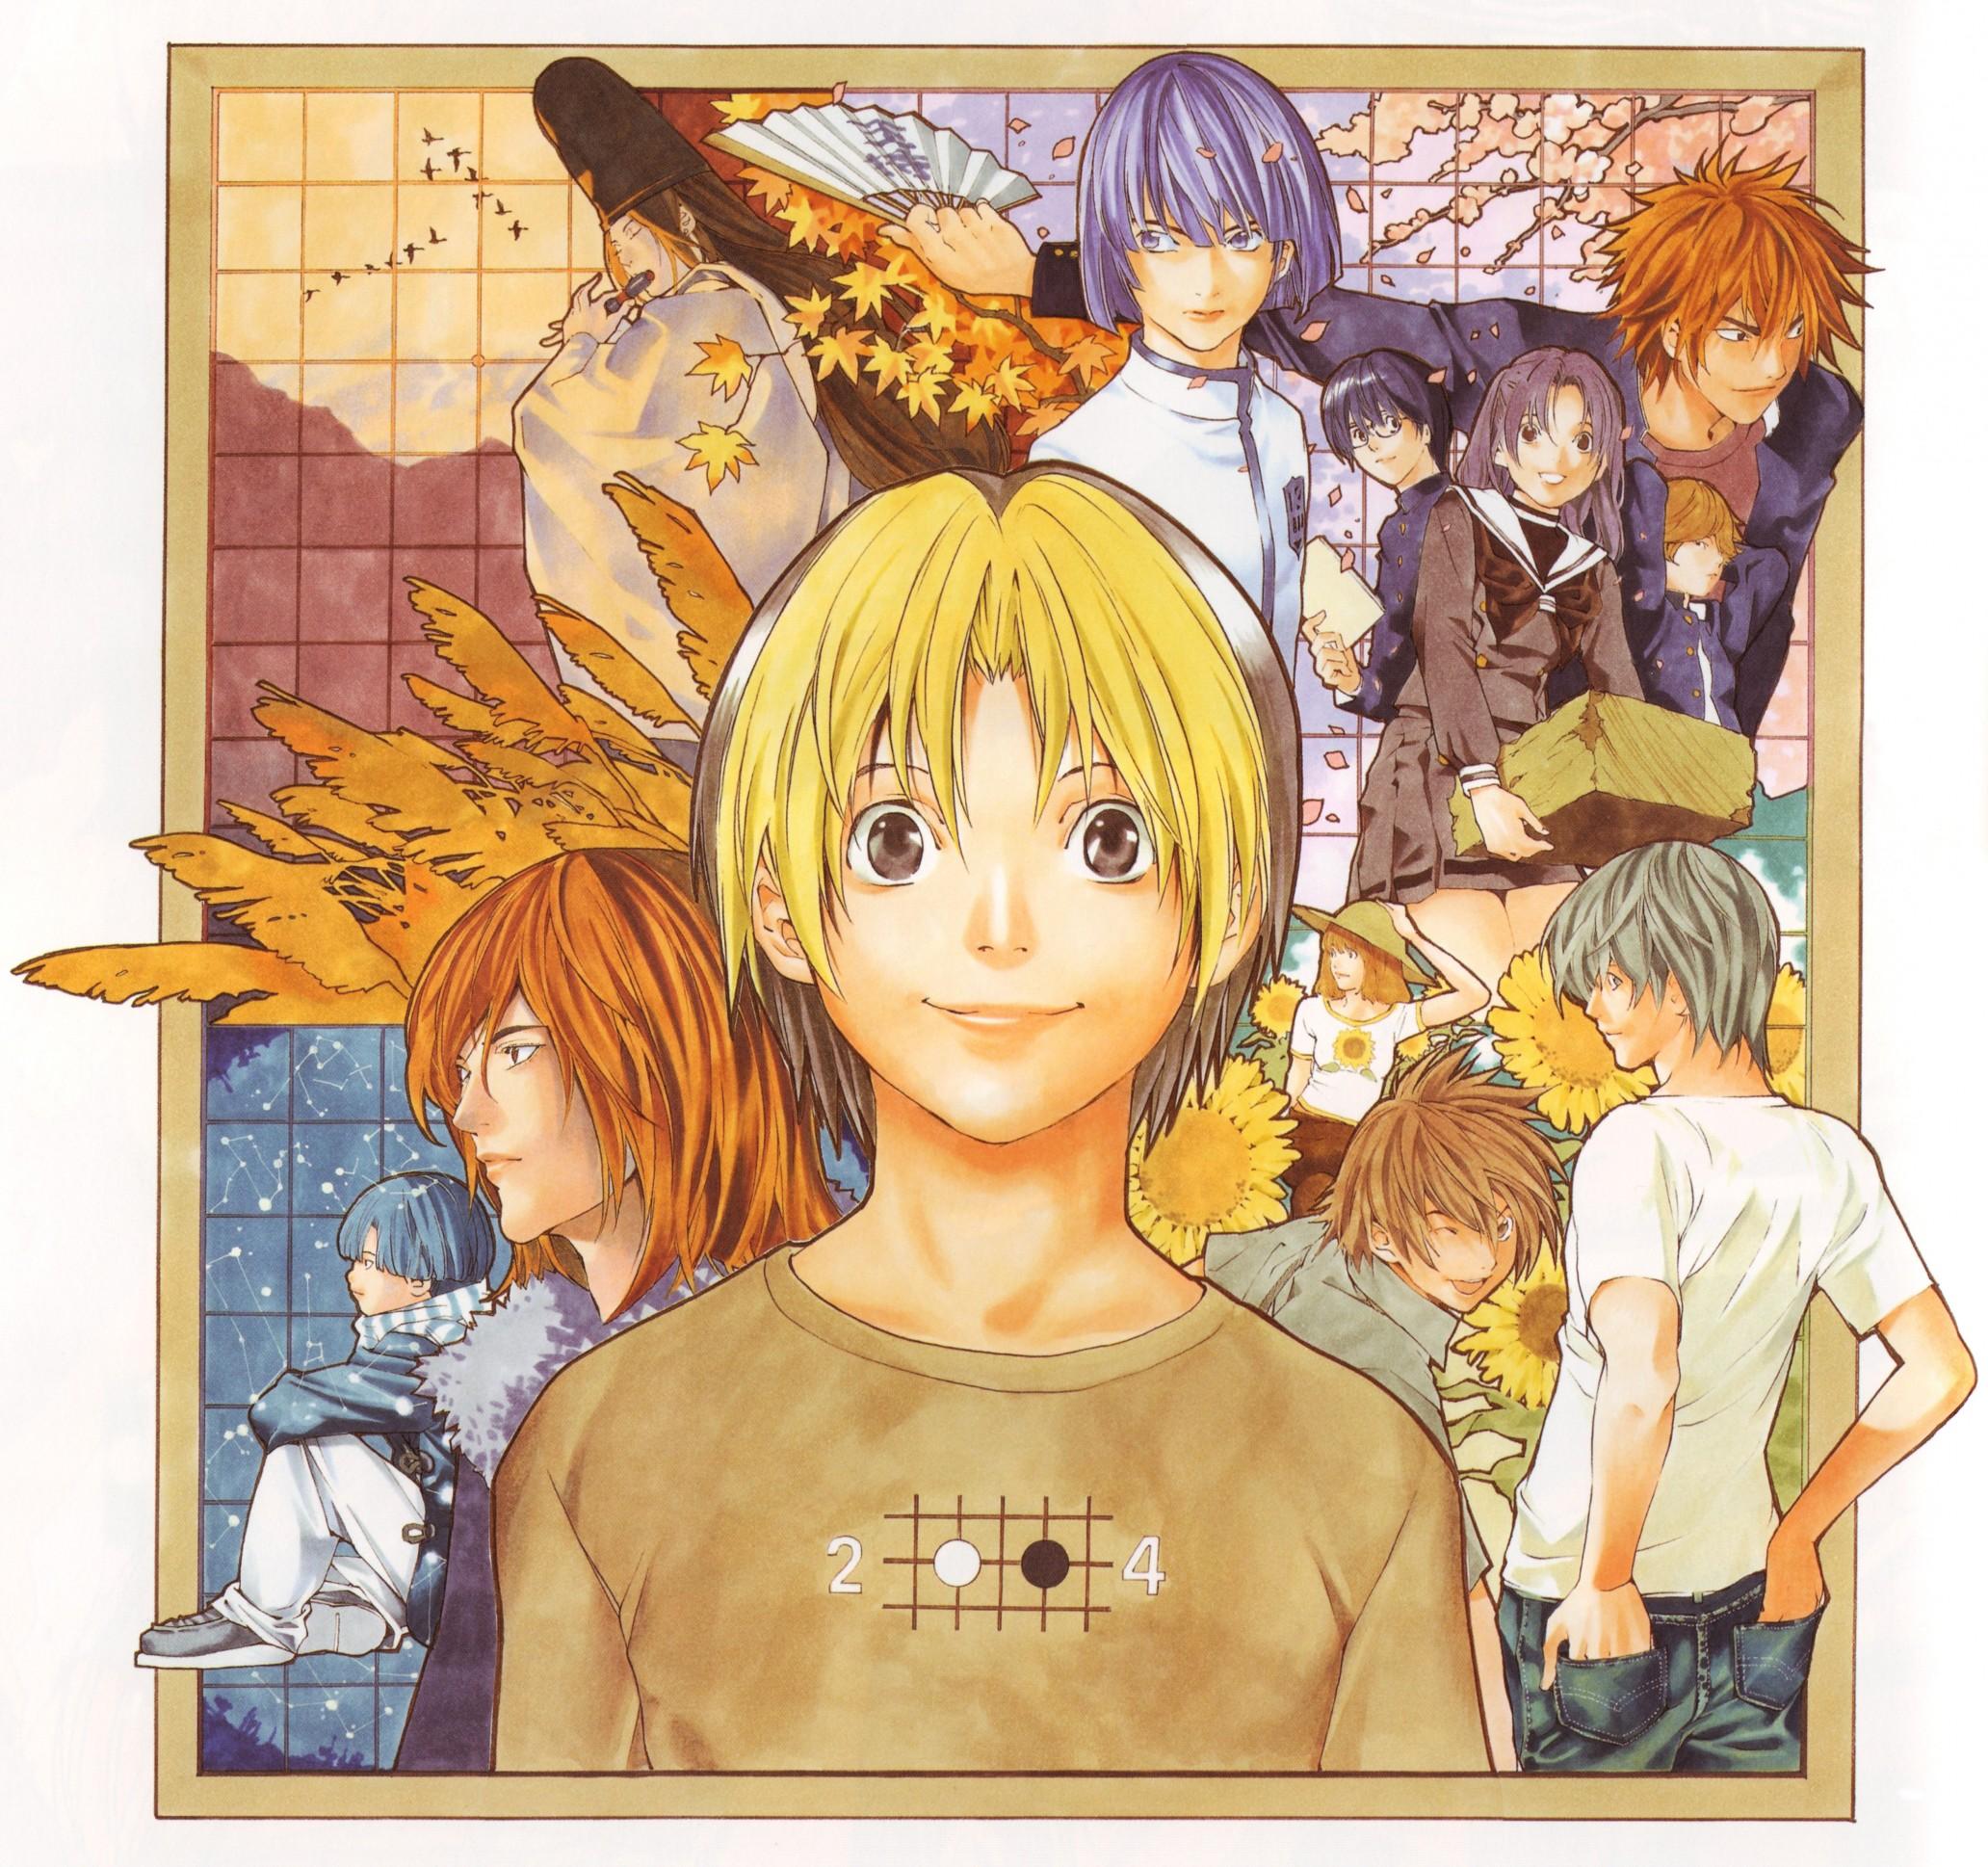 kaga tetsuo hikaru no go zerochan anime image board